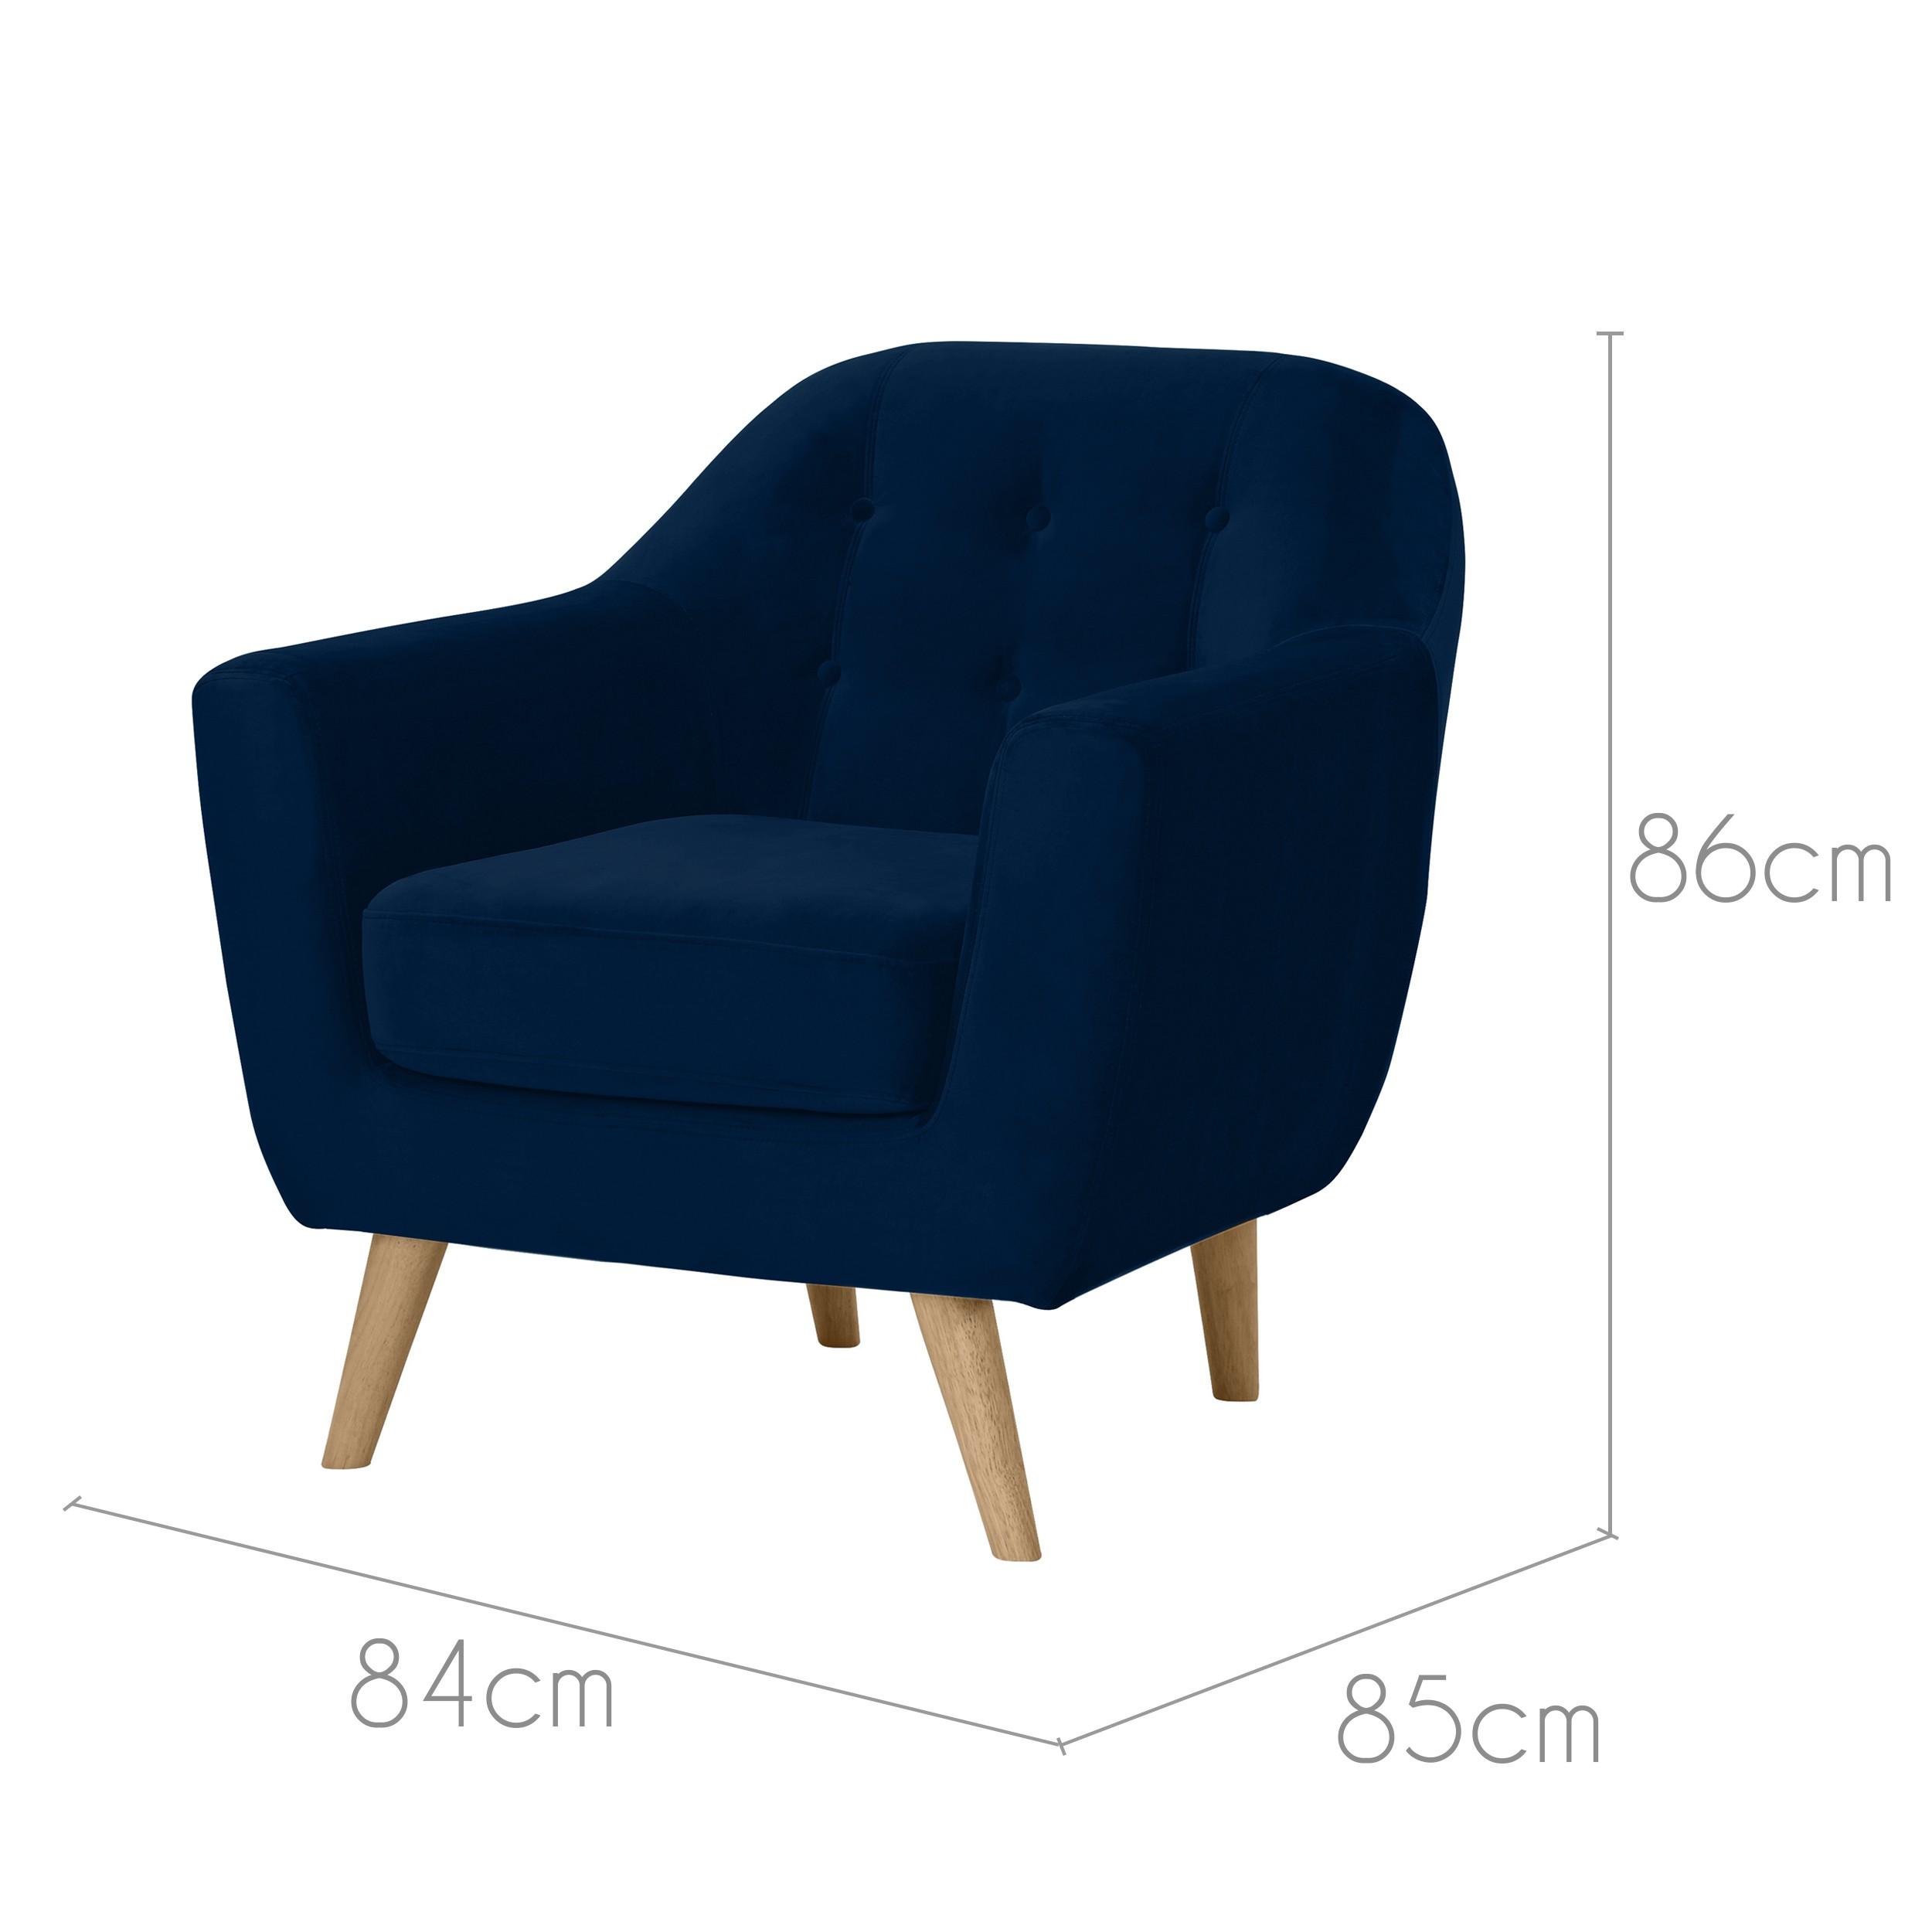 Fauteuil Rio en velours bleu foncé : commandez les fauteuils Rio ...